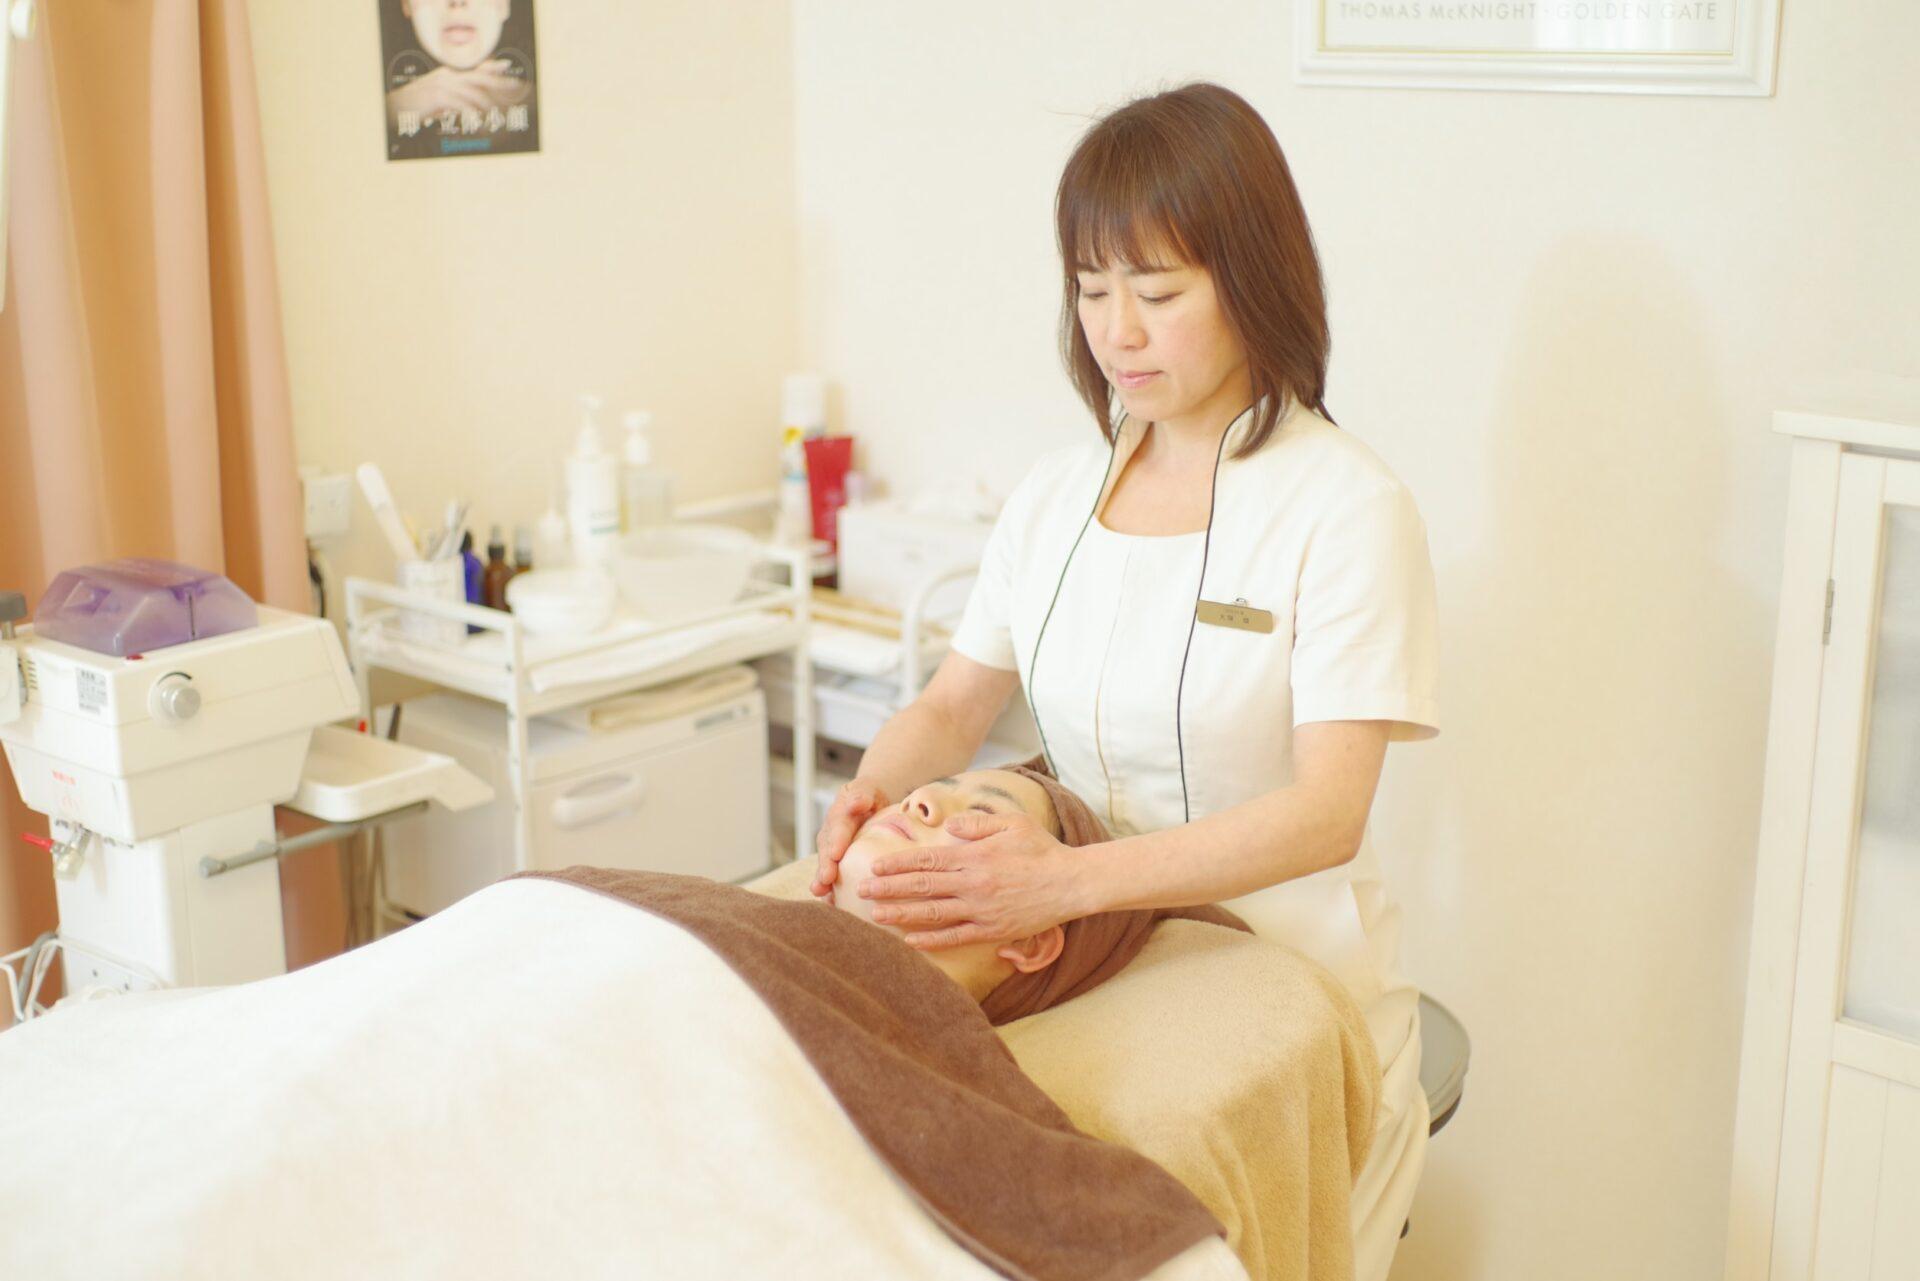 ファセテラピータマキ(Facetherapie Tamaki)